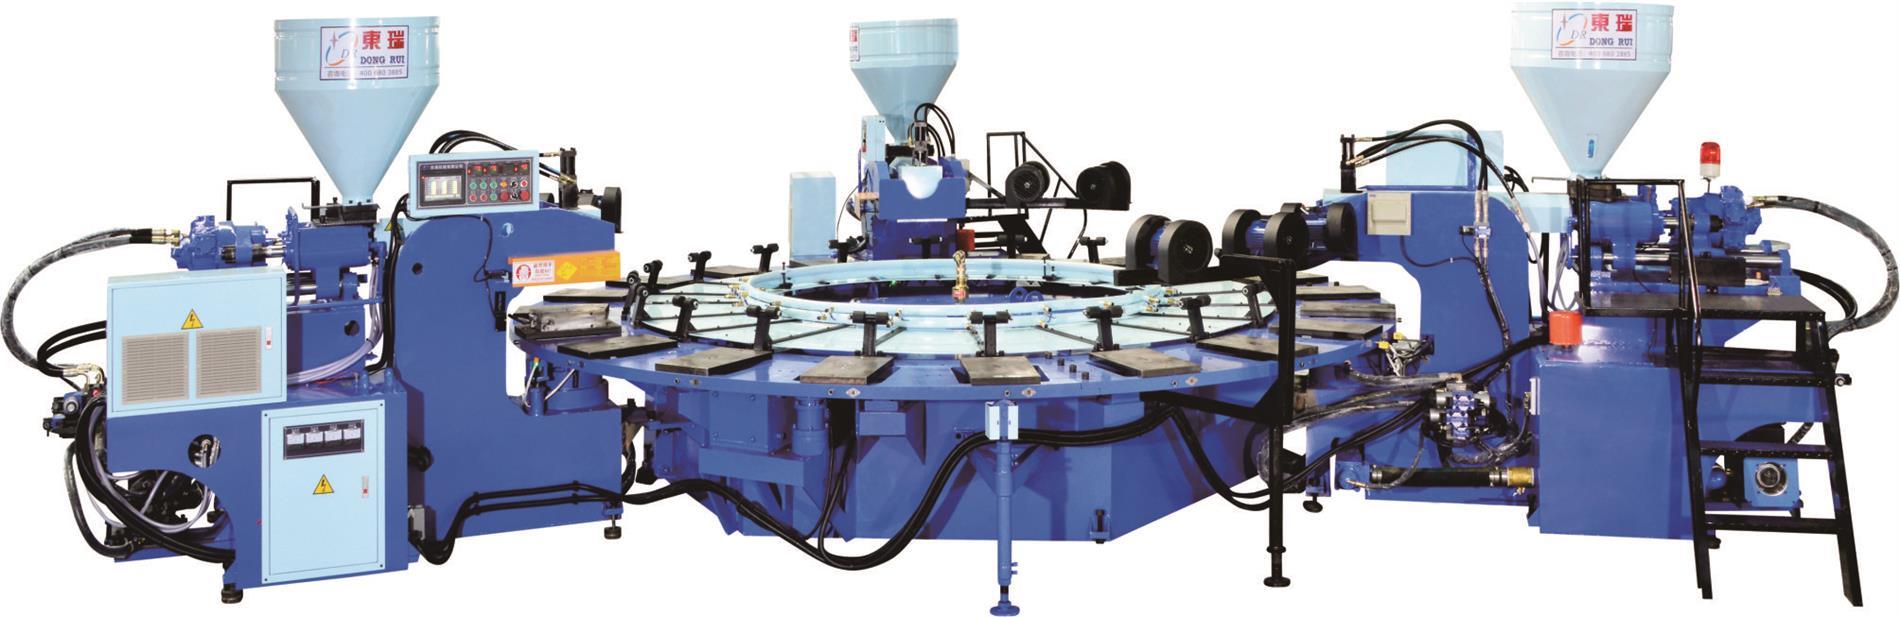 全自动圆盘式塑胶鞋类射出成型机DR-8324J1